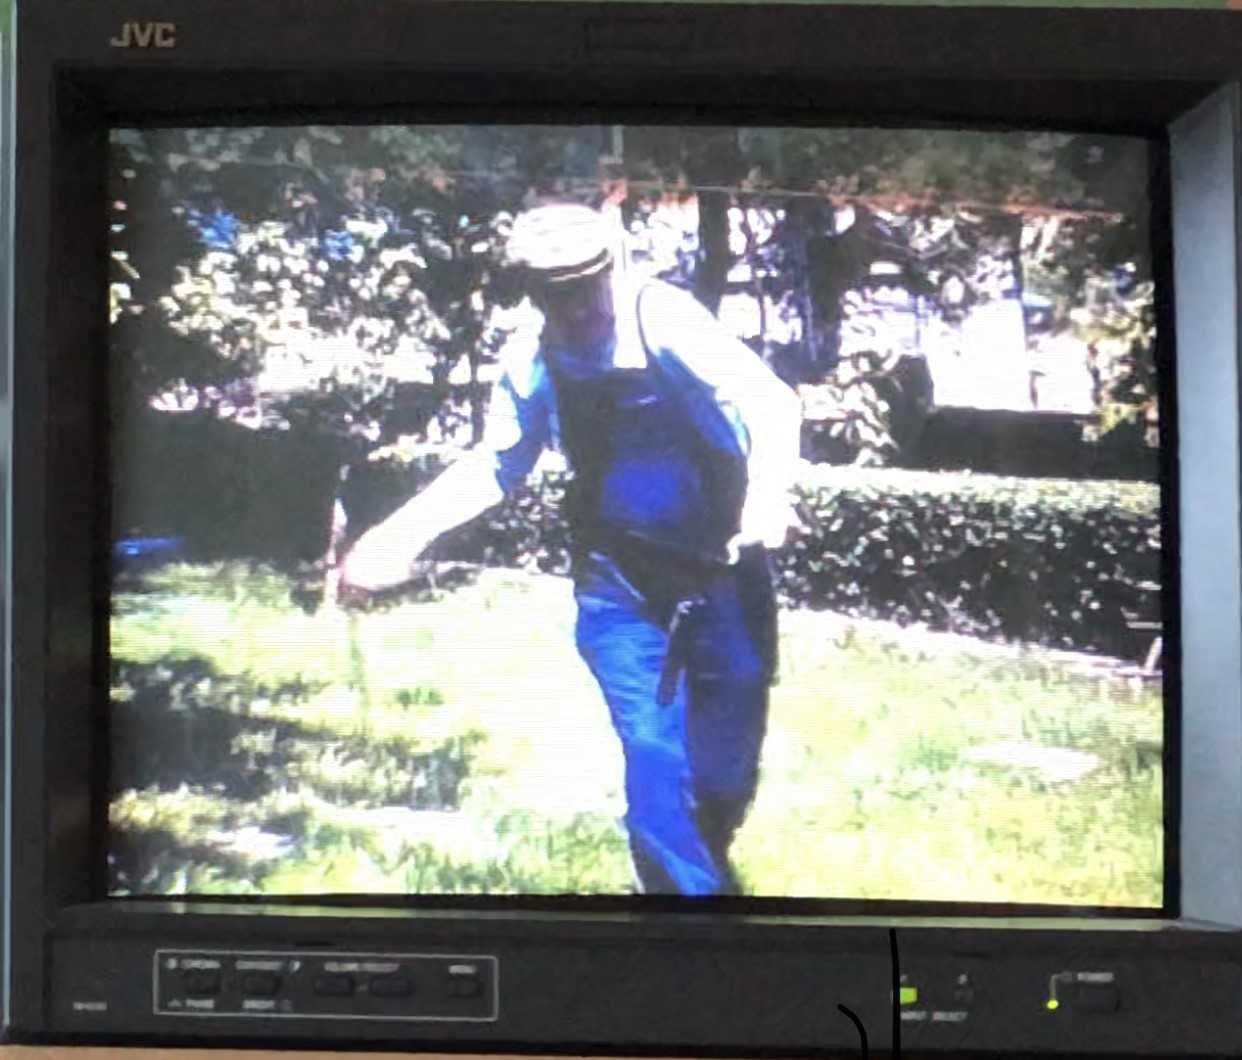 Cevat Kurtuluş'un 8 milimetrelik filmi, gezilerini, ev yaşamını, provalarını ve Yeşilçam'ın sahne arkası görüntülerini detaylandırıyor. (AVTOonline.org)